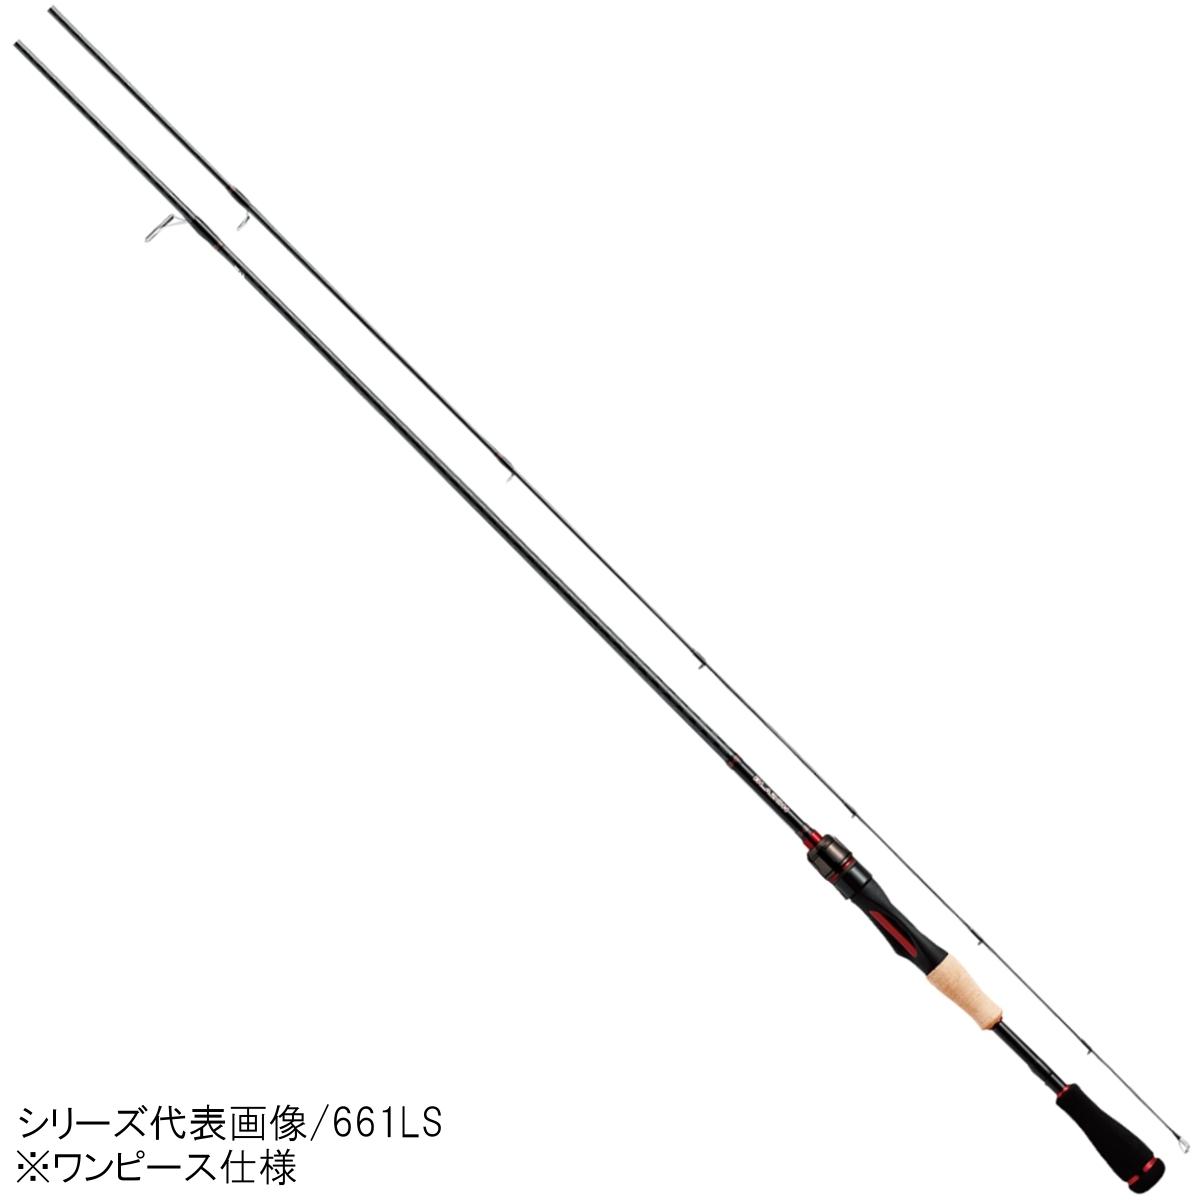 ダイワ ブレイゾン 641MLS【大型商品】